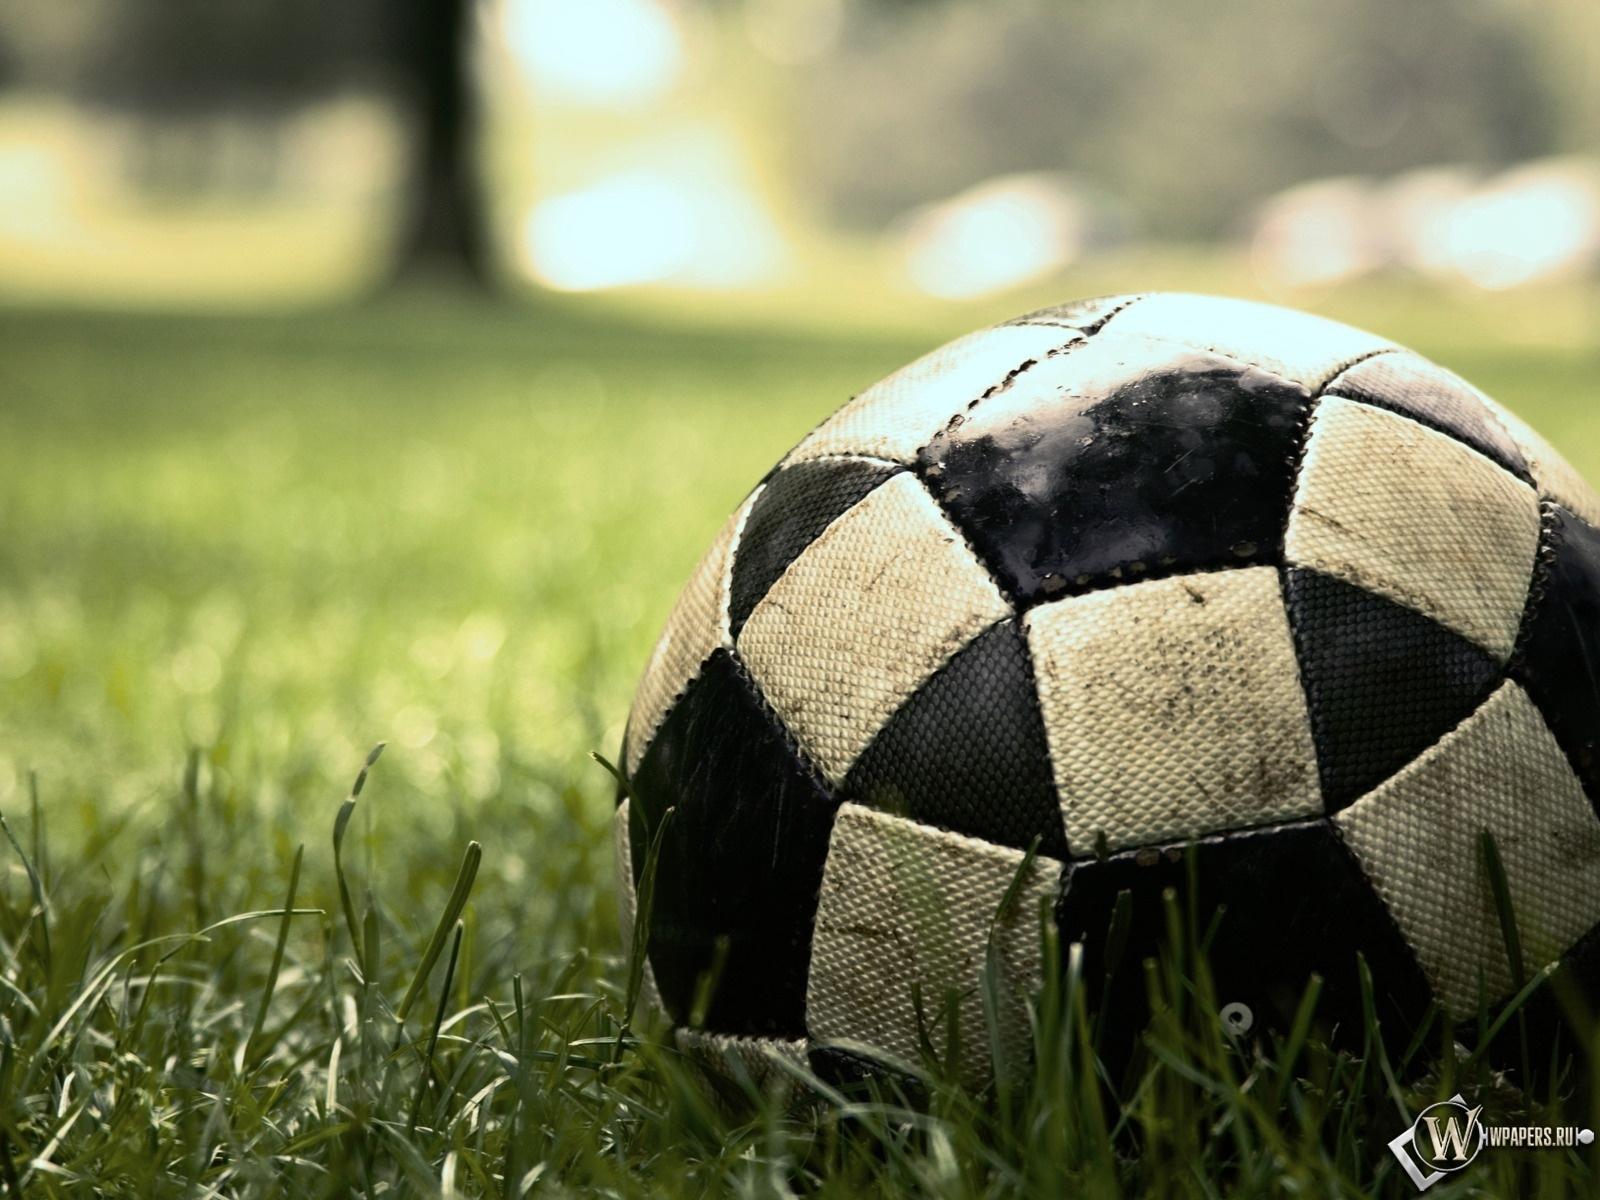 Скачать Обои На Рабочий Стол Футболисты